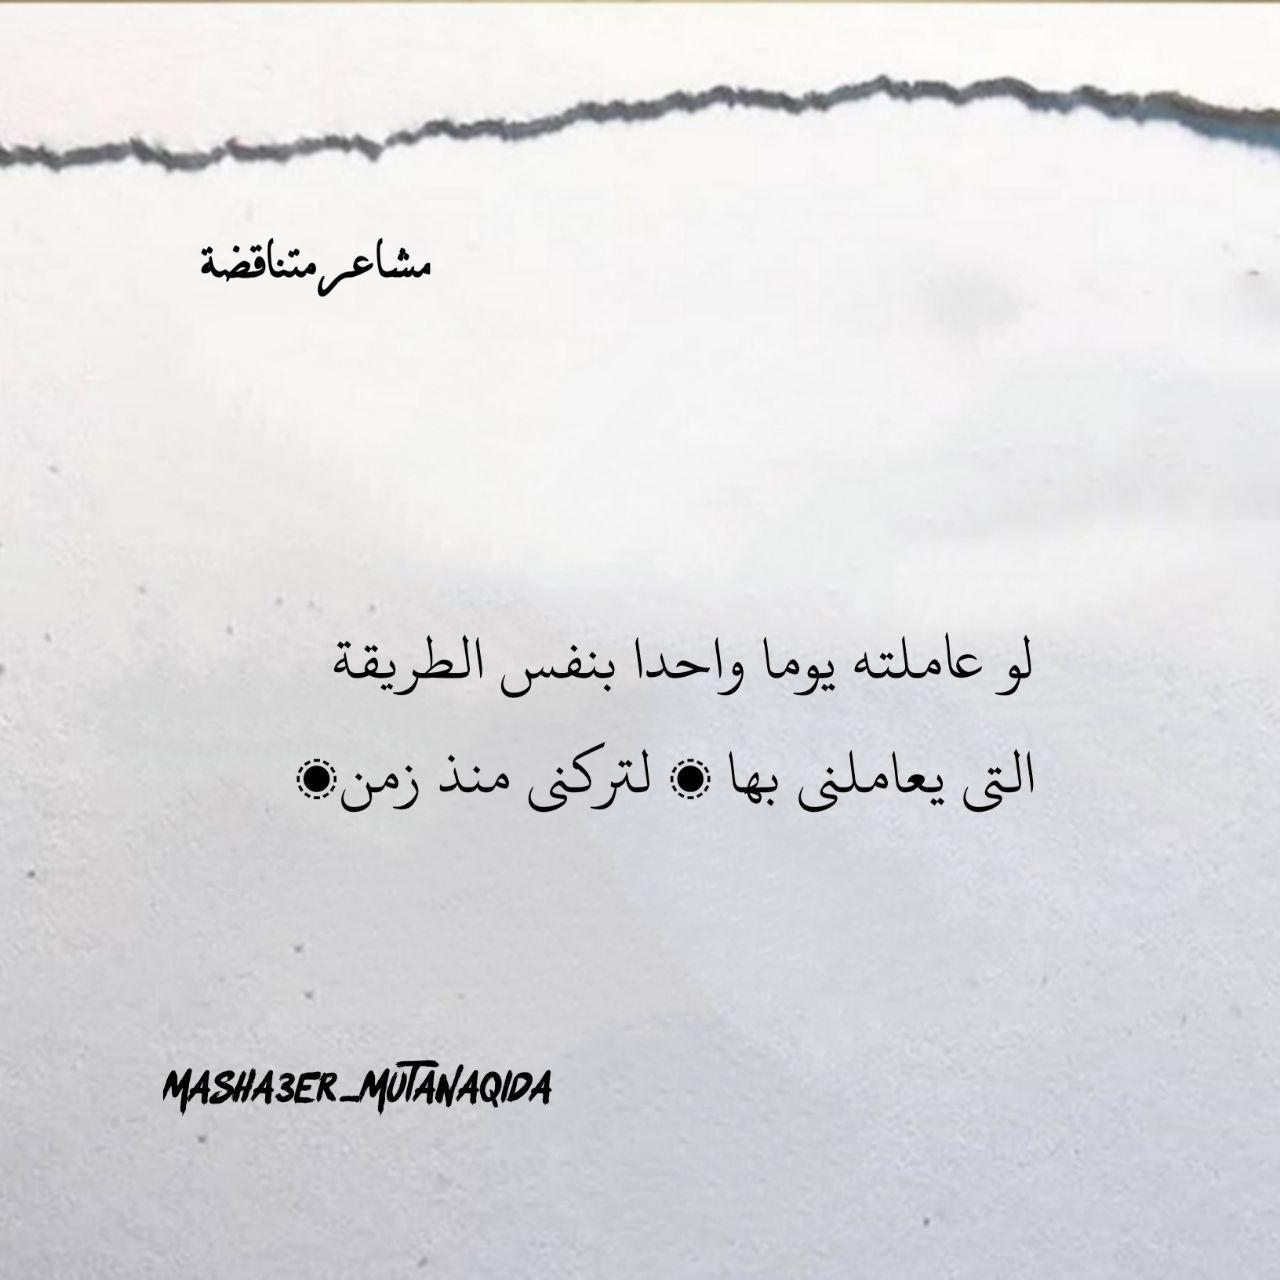 لو عاملته يوما واحدا بنفس الطريقة التي يعاملني بها لتركني منذ زمن Arabic Calligraphy Instagram Calligraphy